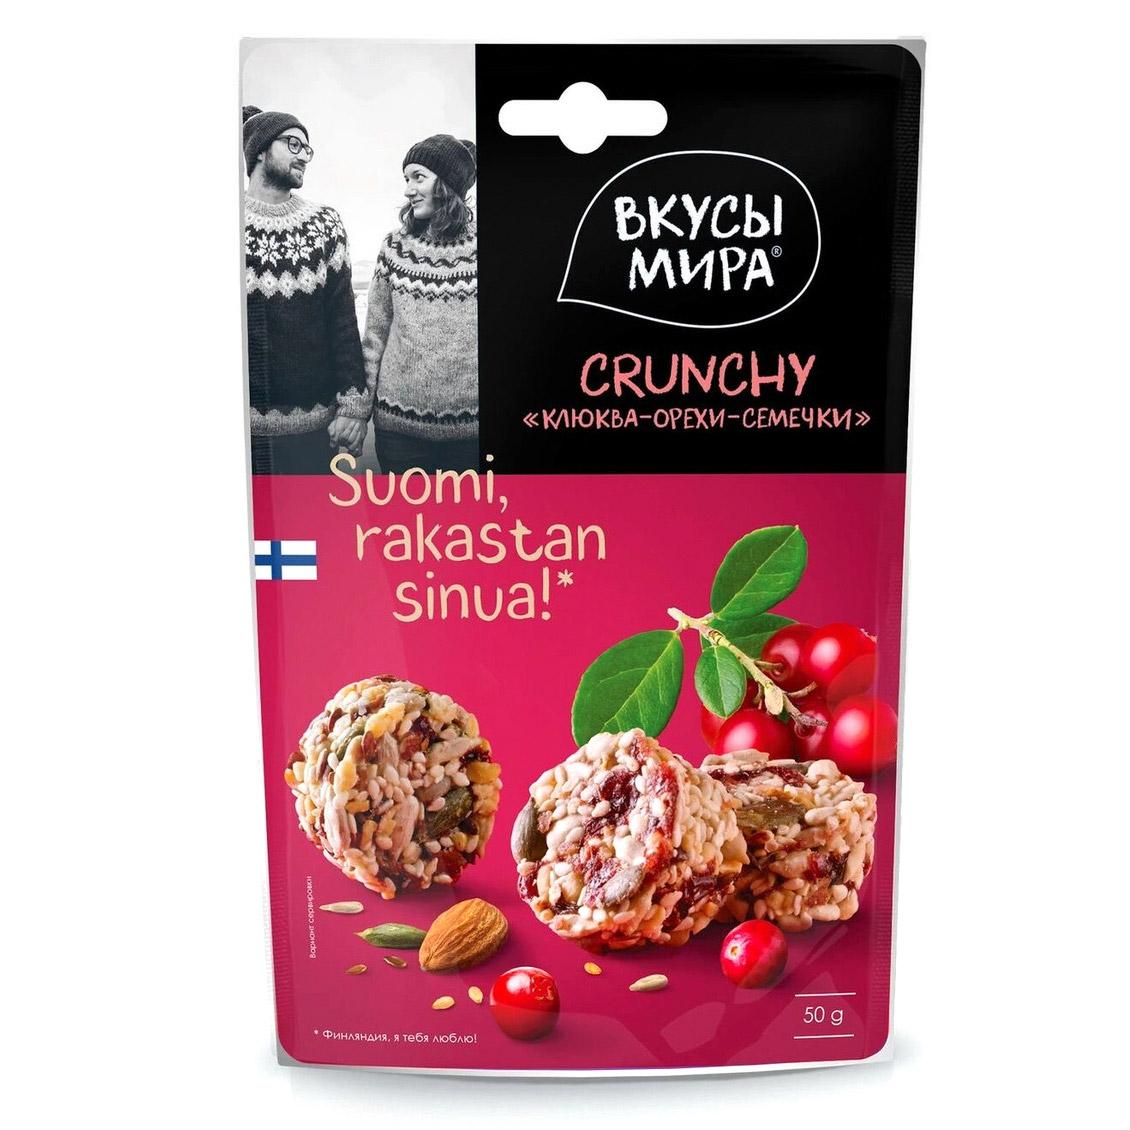 Фото - Кранчи Вкусы мира Клюква, орехи, семечки 50 г туррон вкусы мира фундук и вишня 50 г